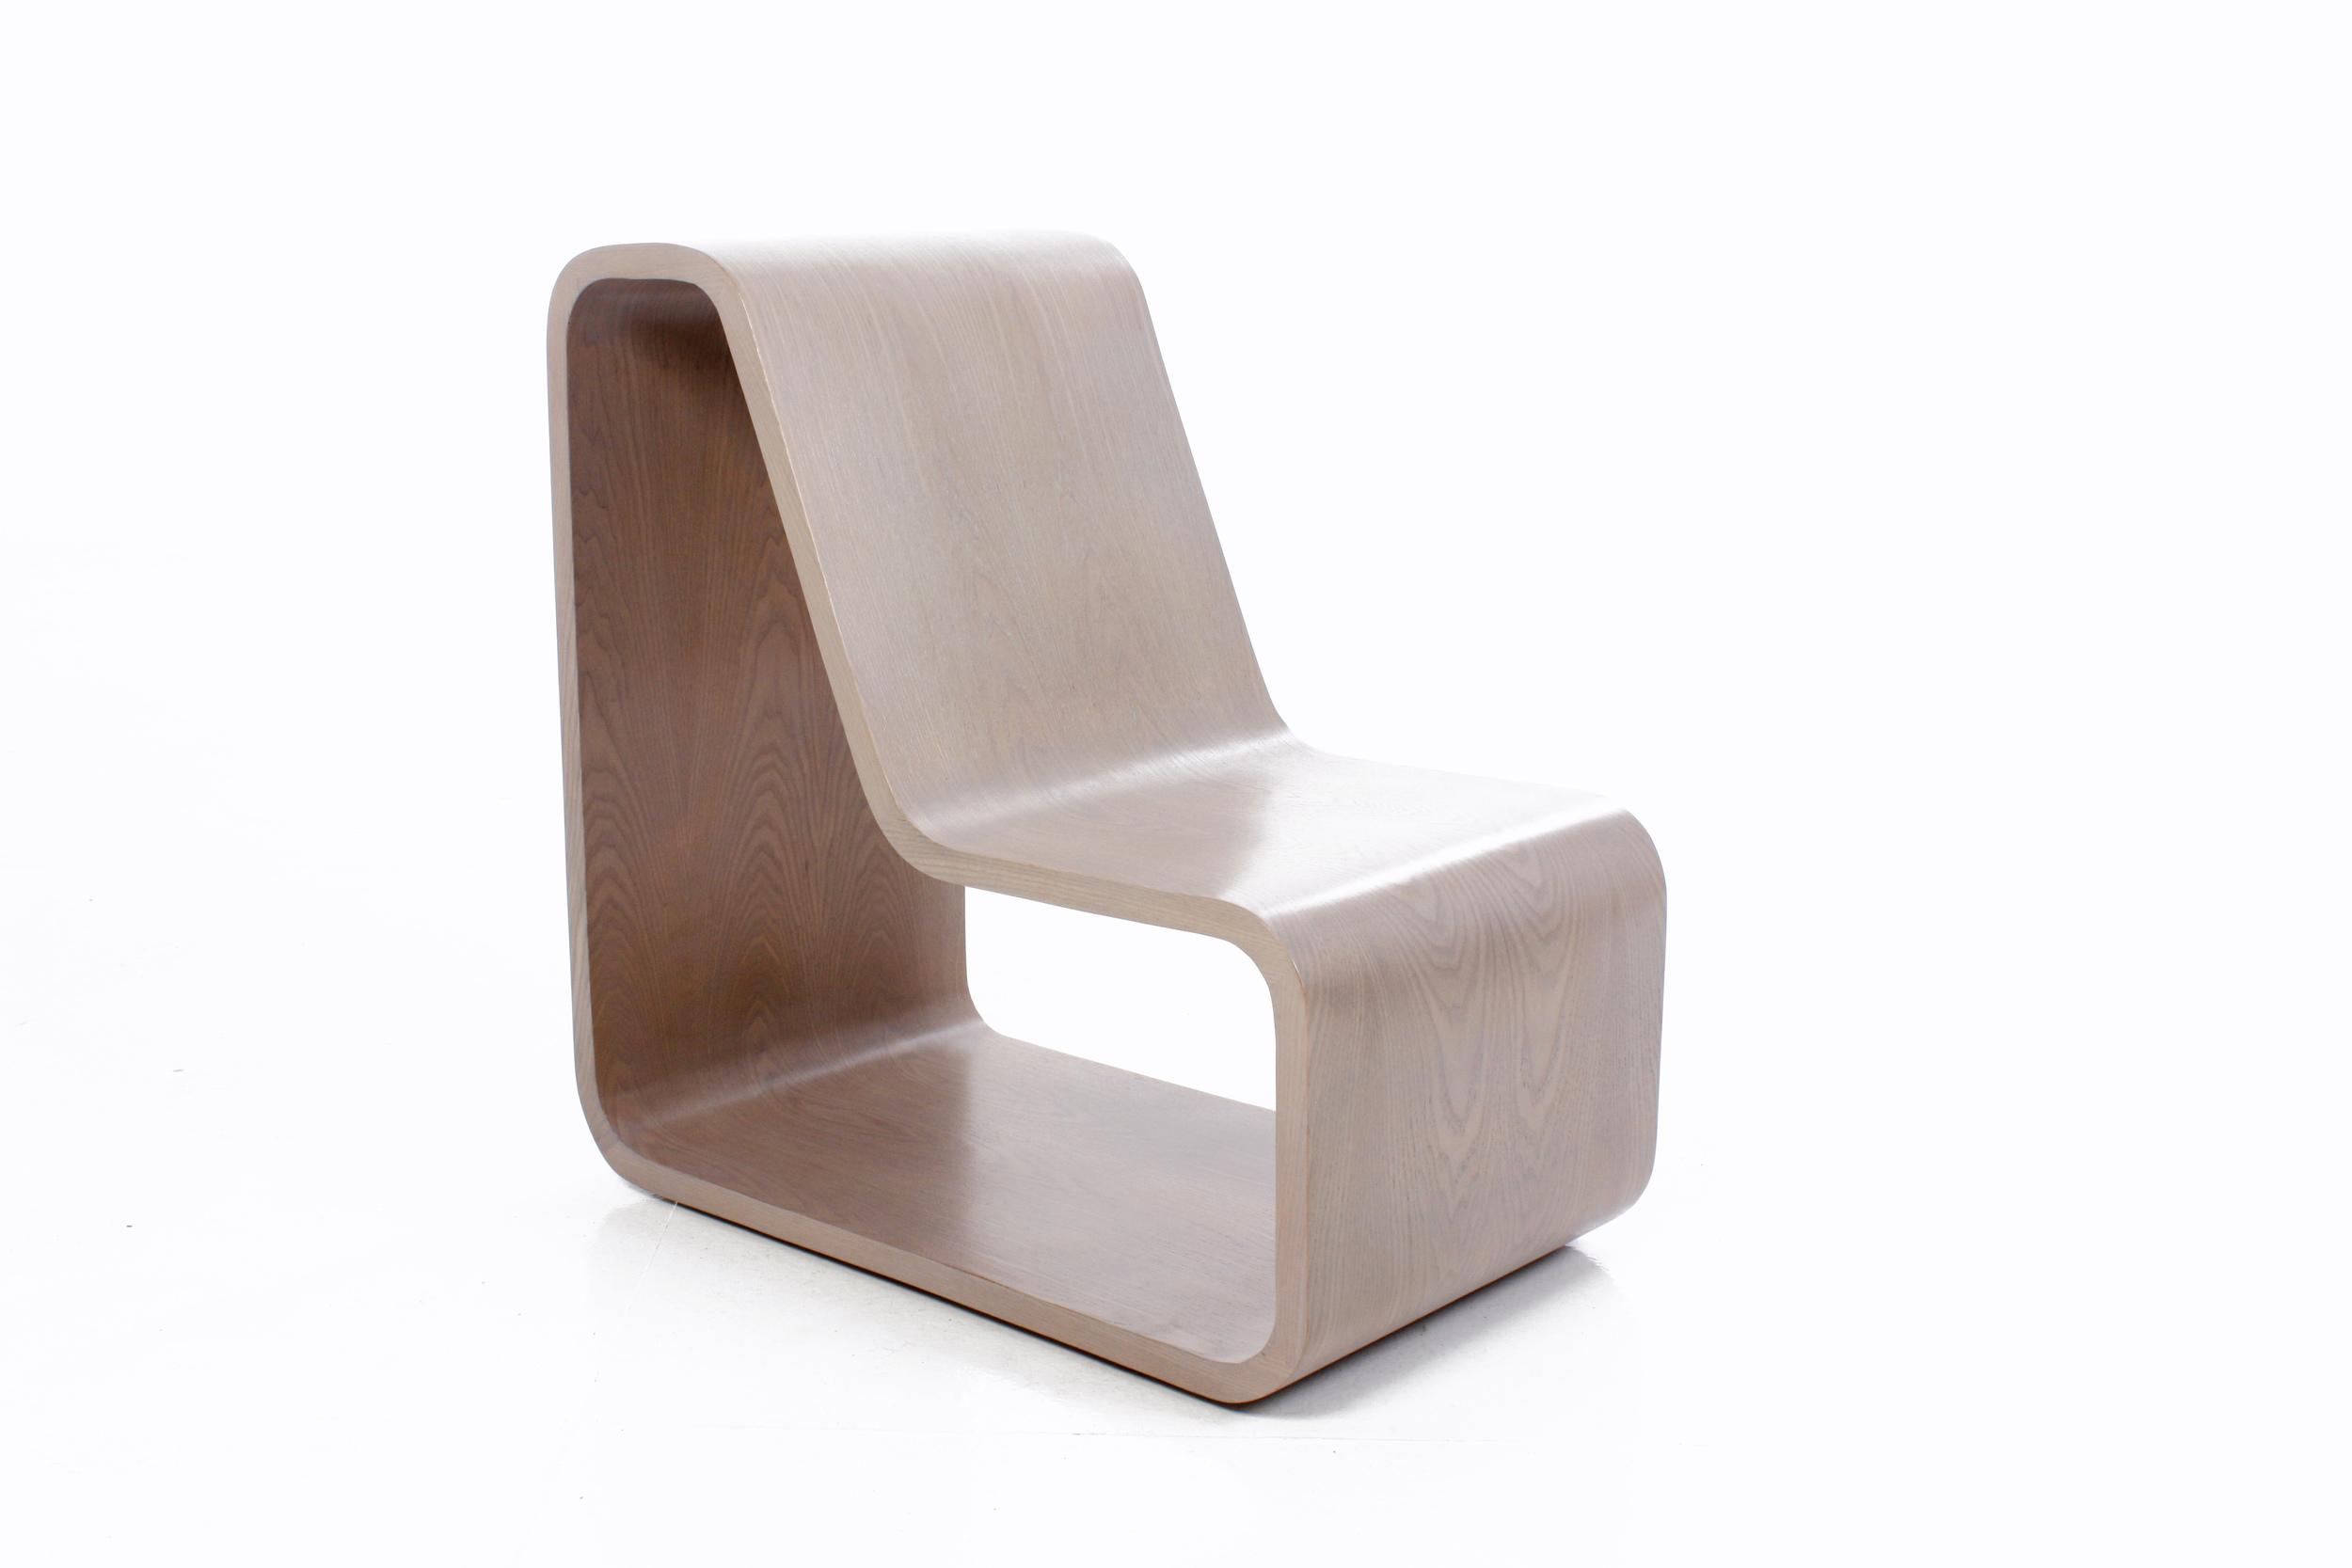 Chair1_4.jpg